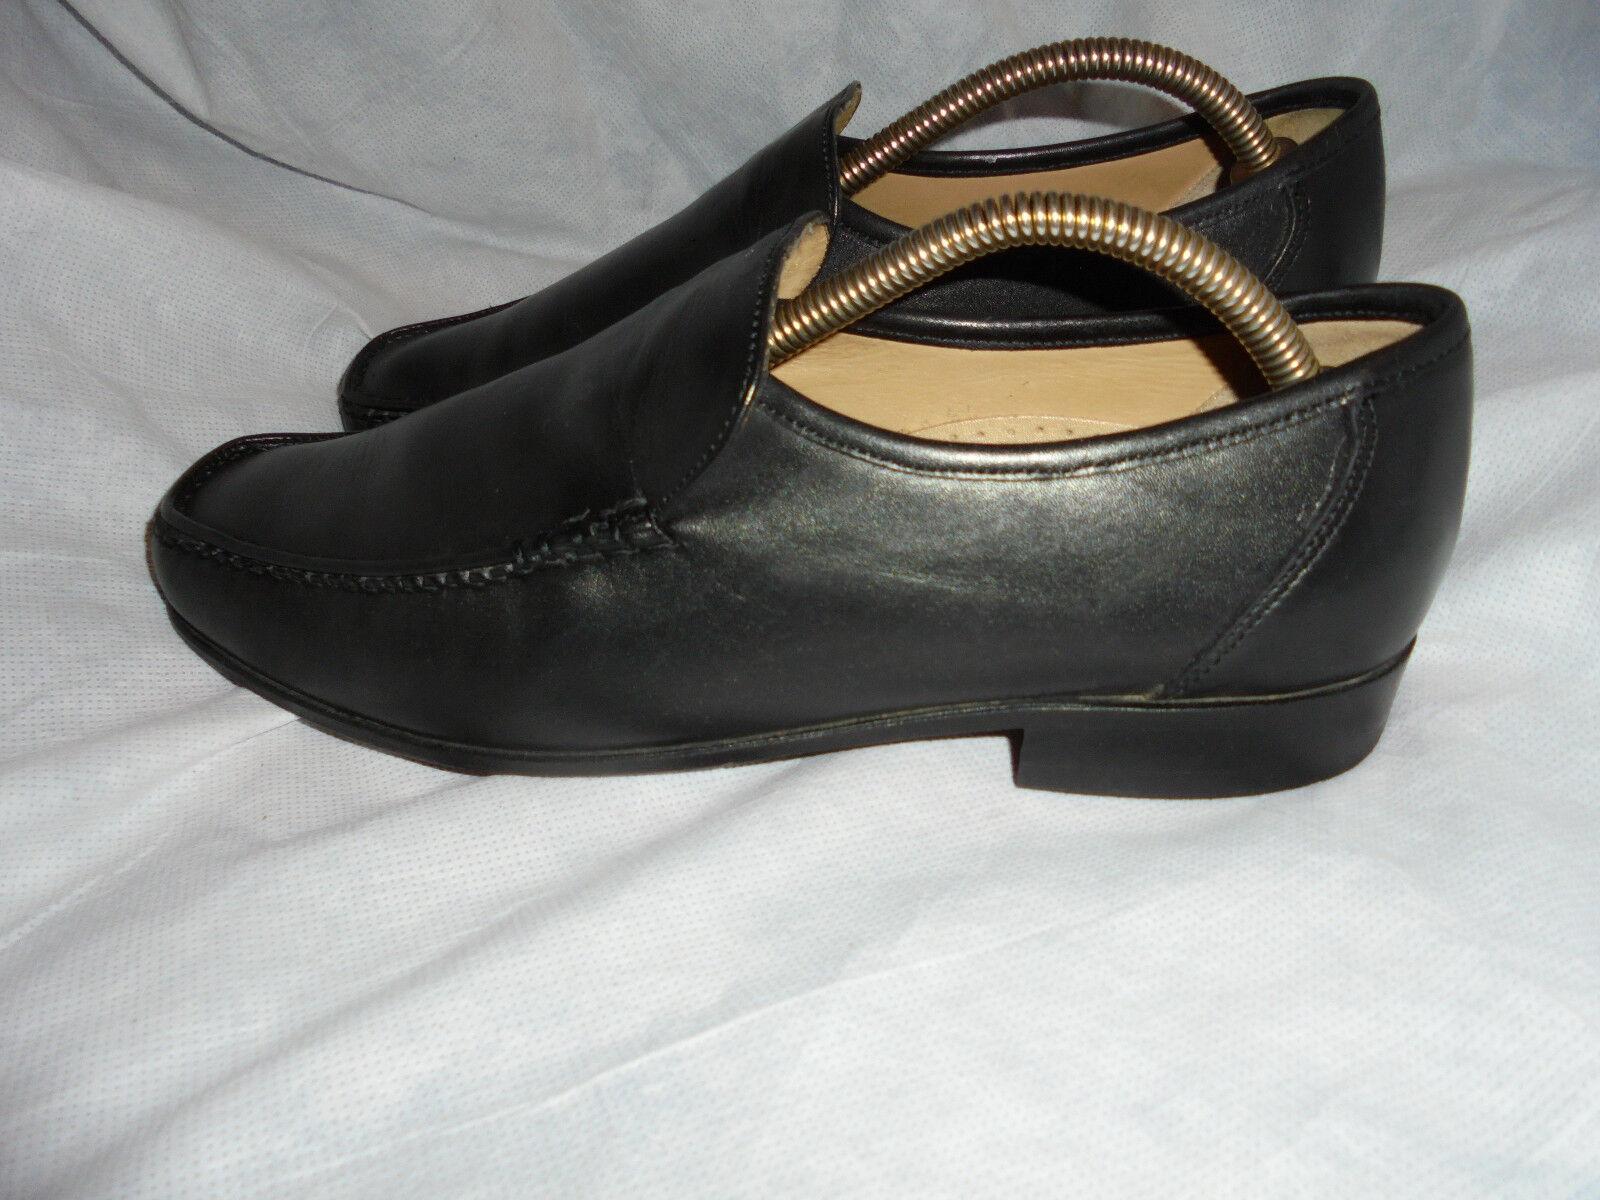 Los últimos zapatos de descuento para hombres y mujeres Baker para hombres Cuero Negro Sin Cordones Mocasín Zapatos Talla en muy buena condición